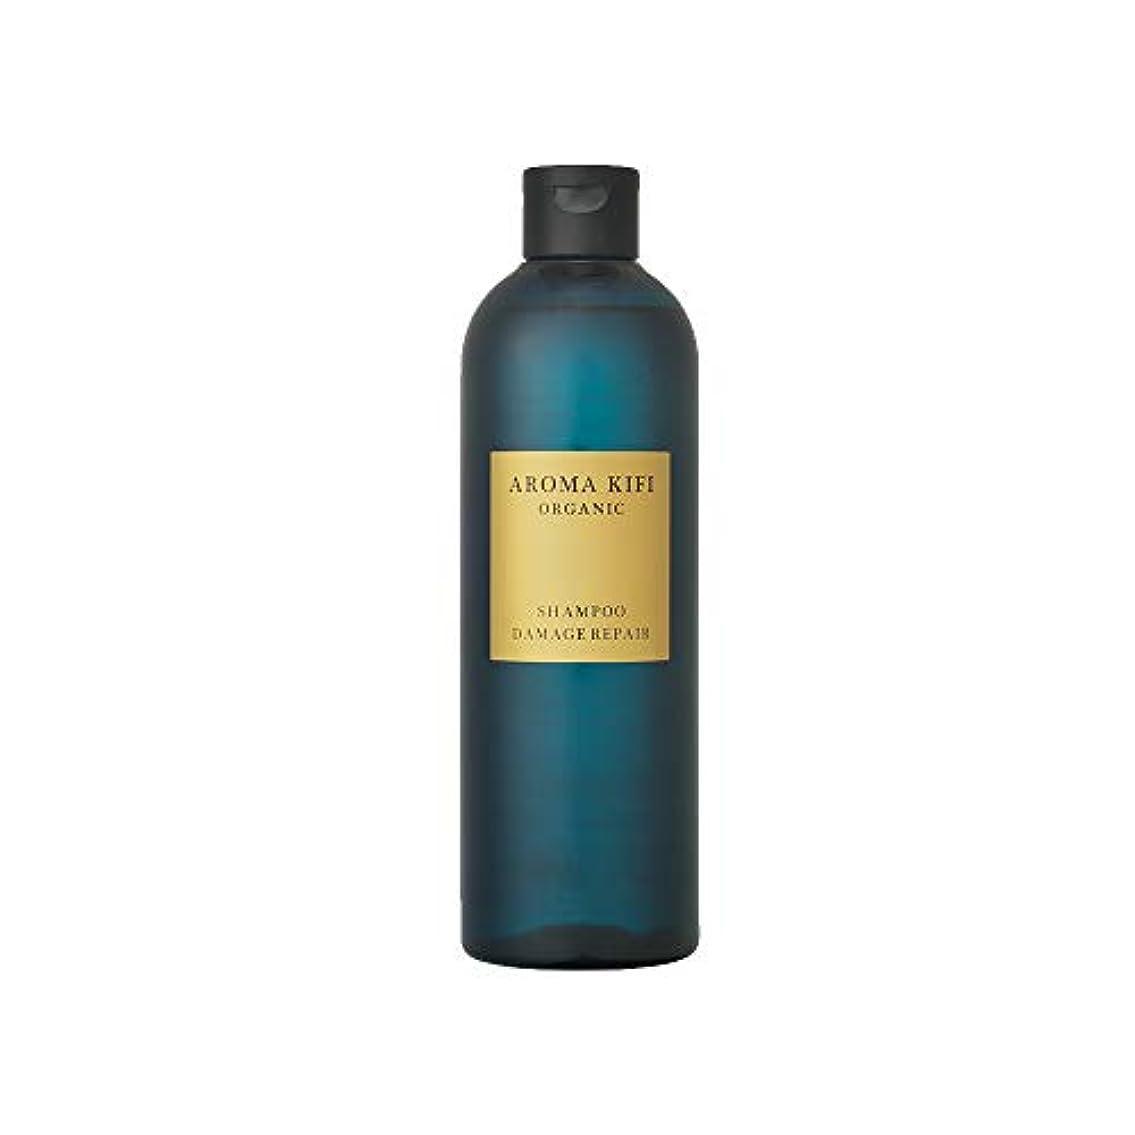 追い付くシンプルなのホストアロマキフィ オーガニック シャンプー 480ml 【ダメージリペア】サロン品質 ノンシリコン 無添加 アロマティックローズの香り